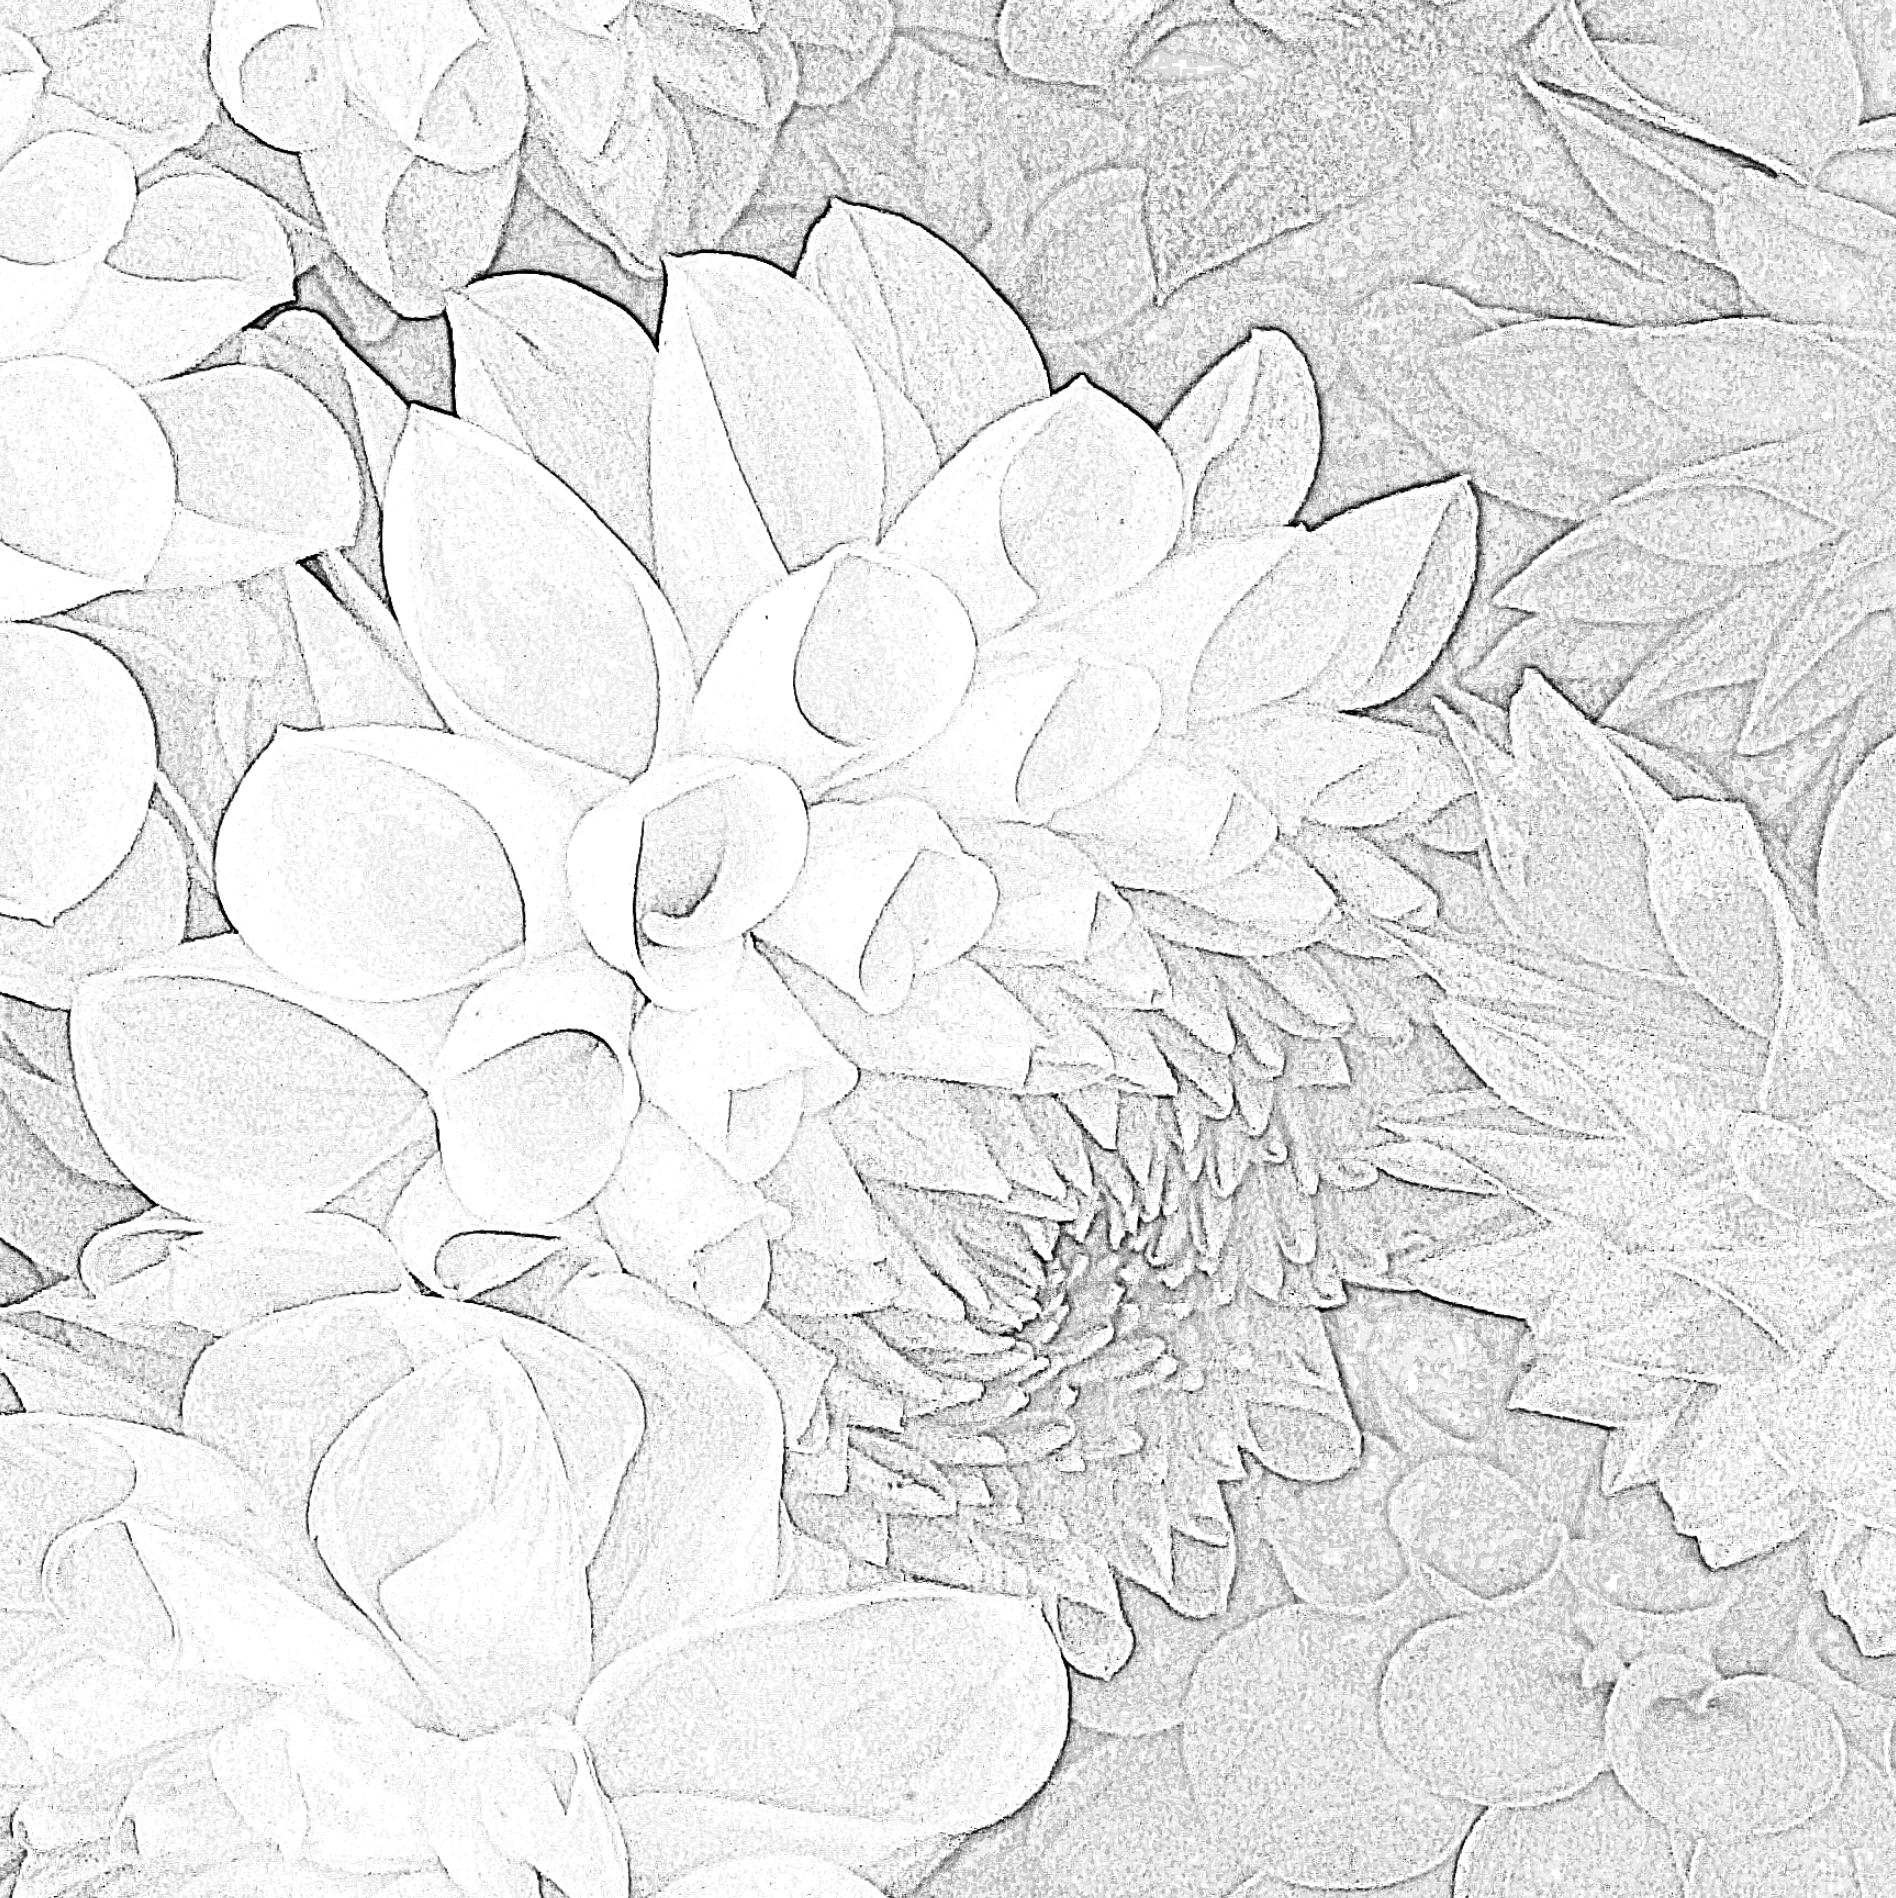 Screen Shot 2018-06-04 at 11.18.06 AM.png